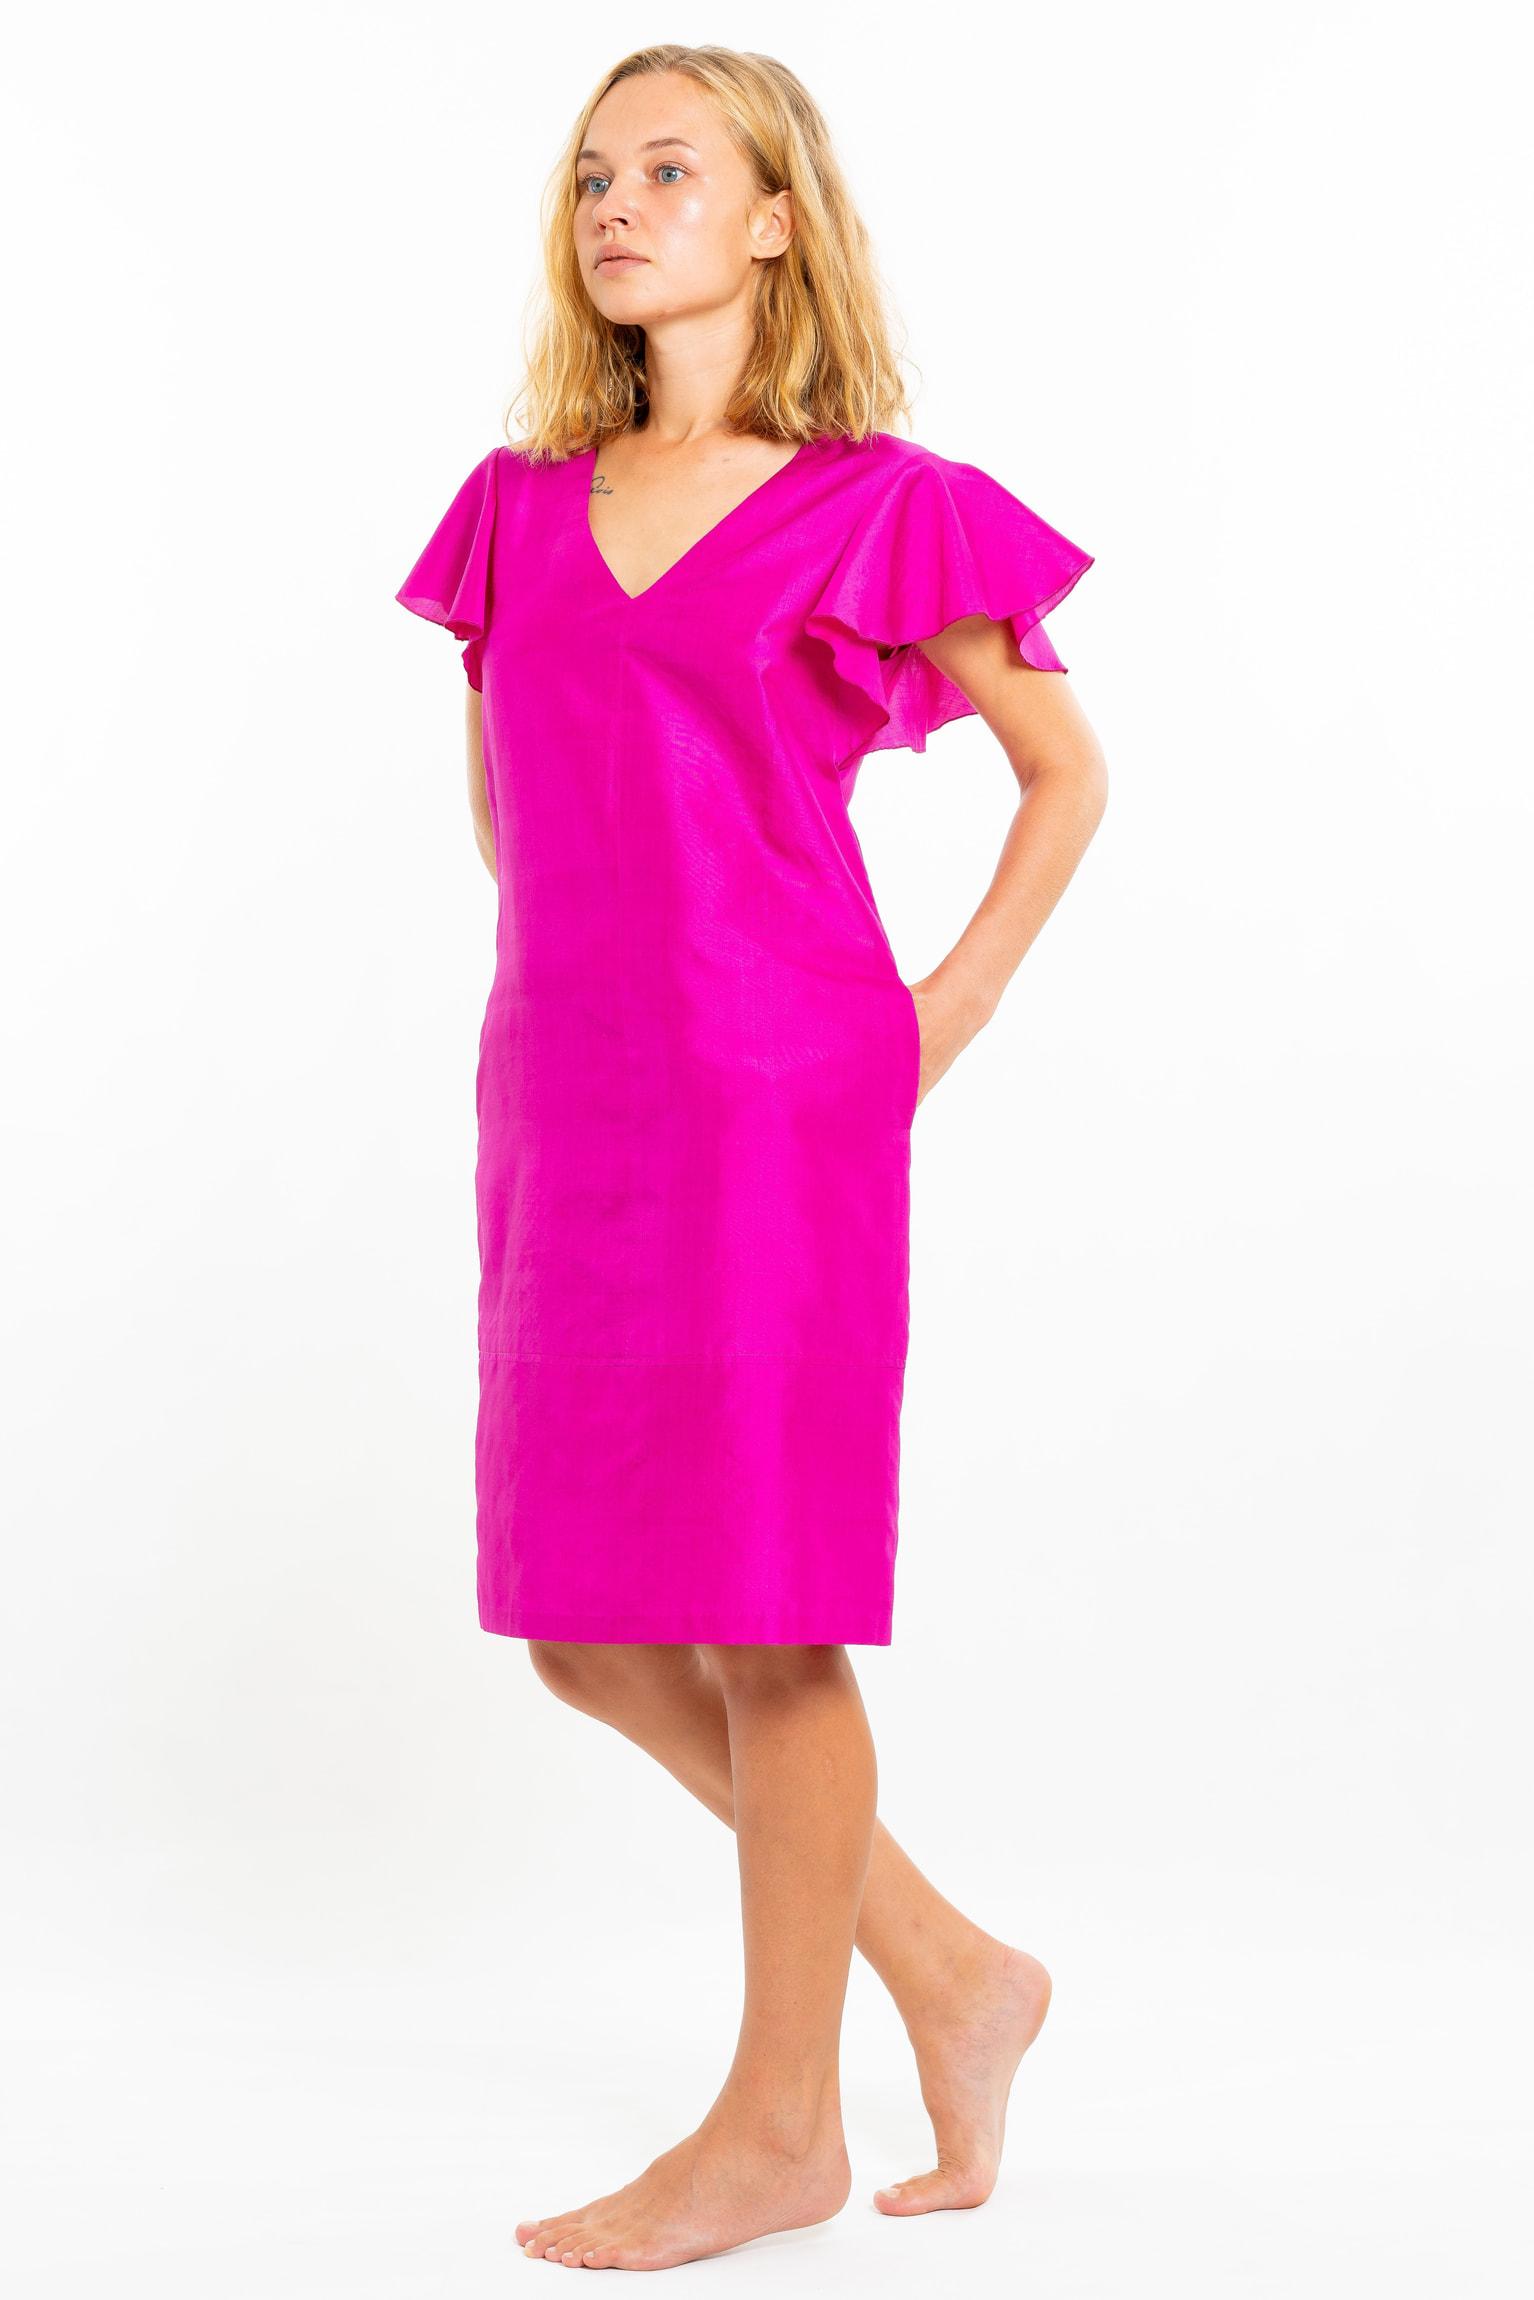 robe en soie naturelle rose, manches courtes à volants, col V